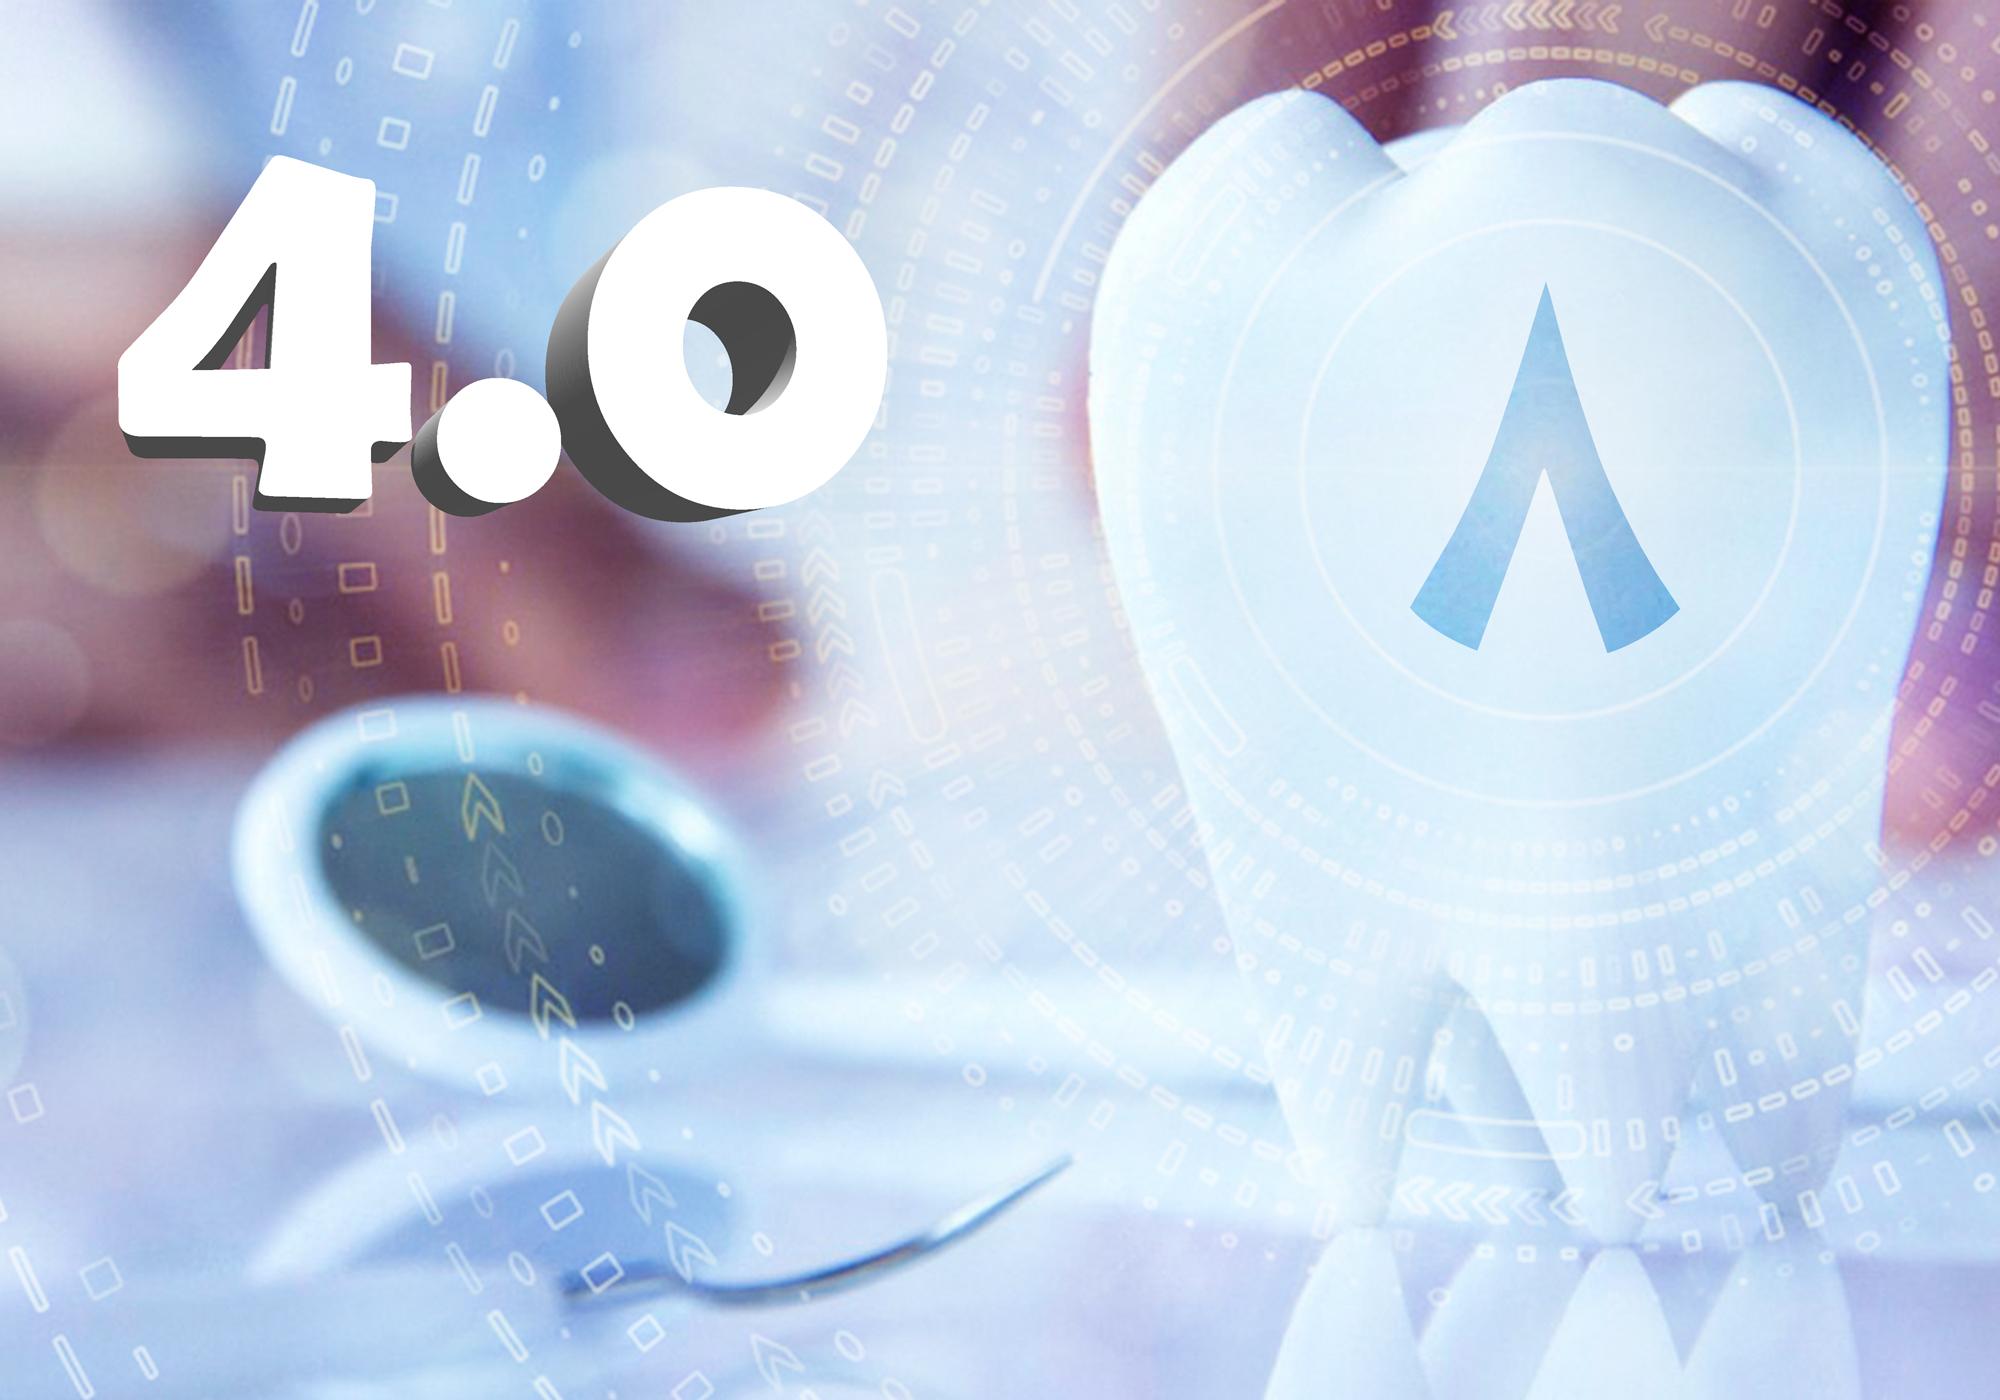 Công nghệ Nha Khoa 4.0 được ứng dụng tại Nha Khoa Bệnh viện JW